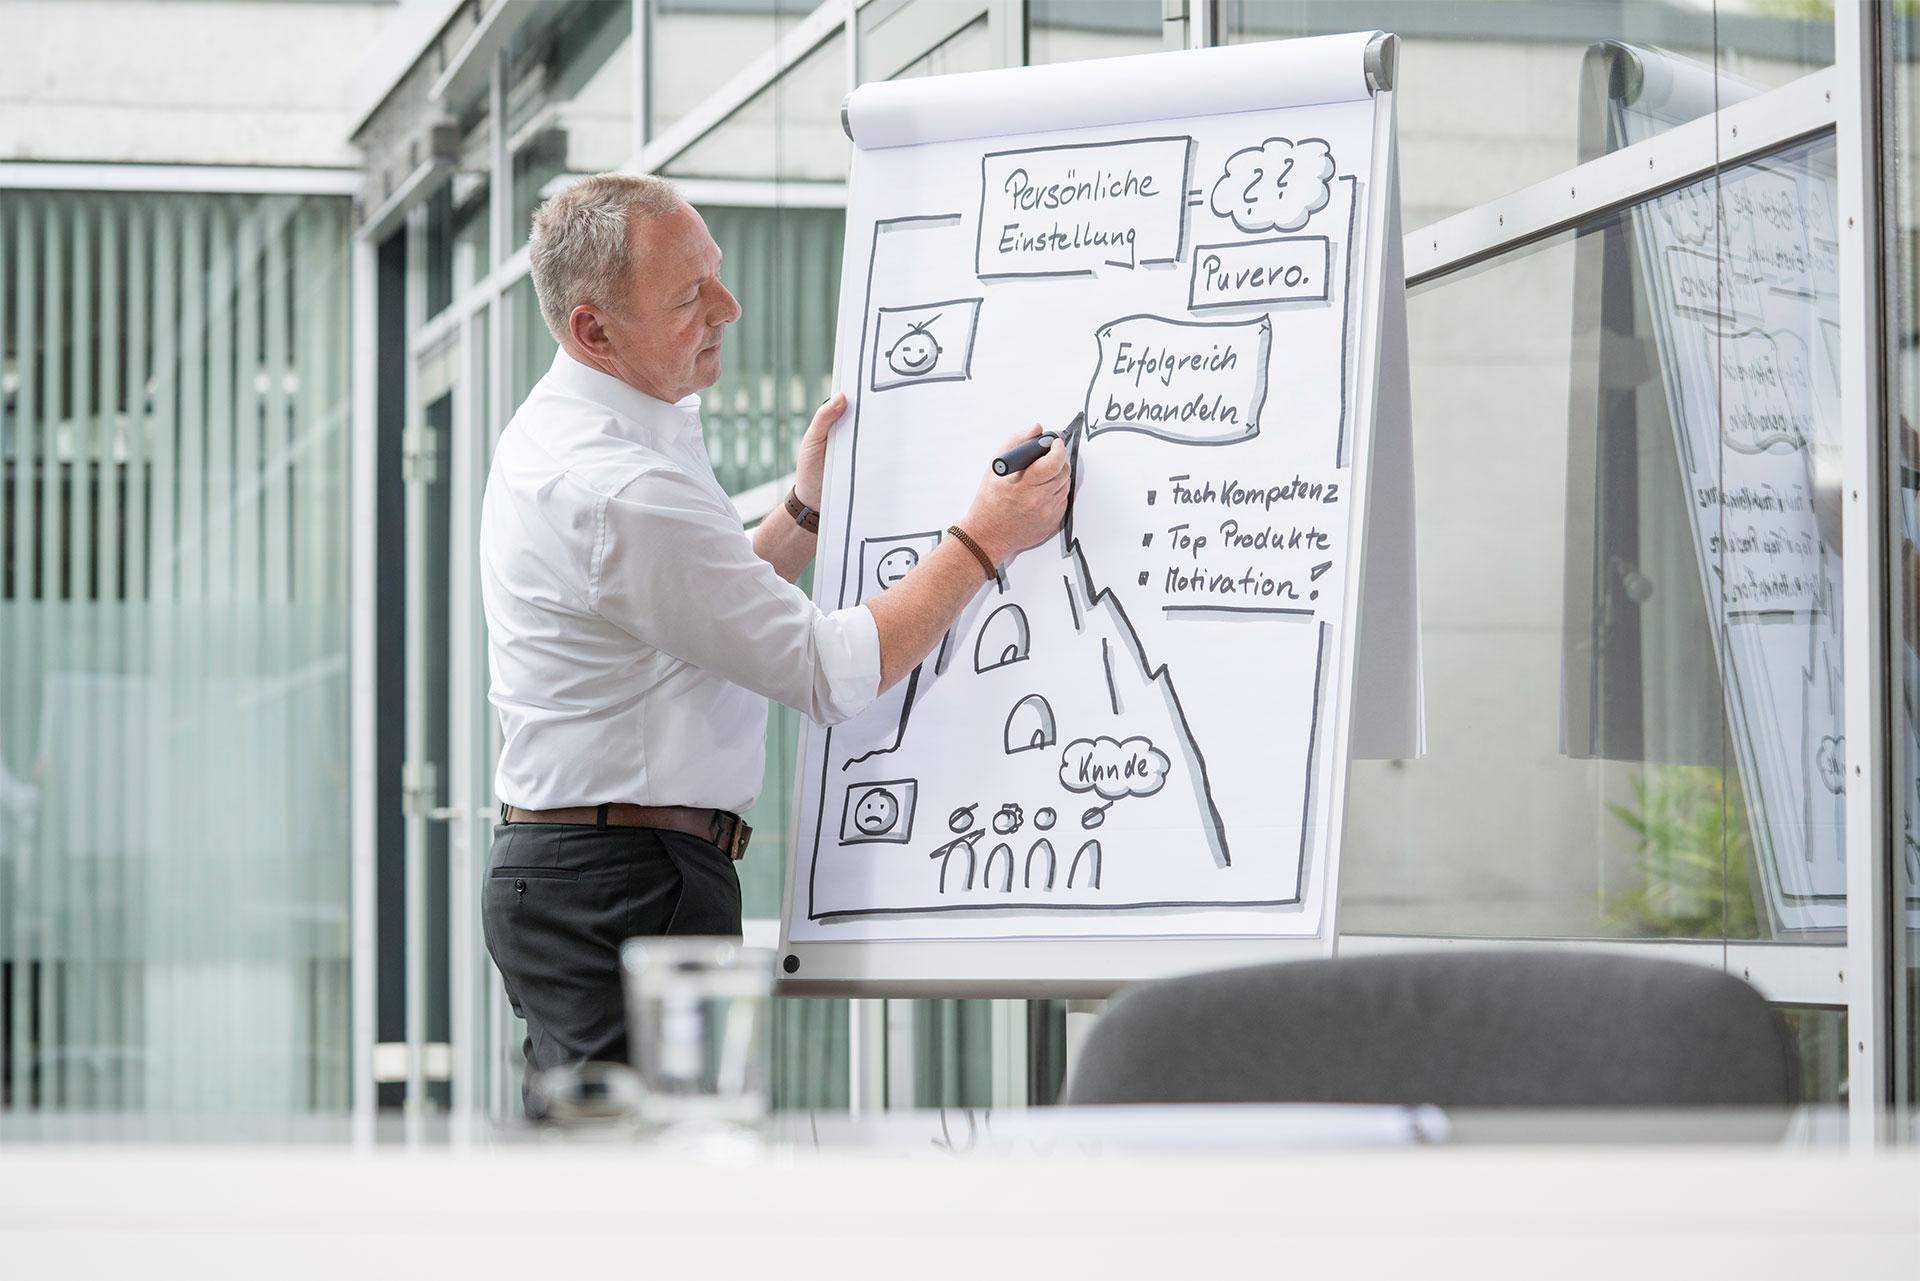 Akademie - Joachim Steinke am Whiteboard während einer Schulung